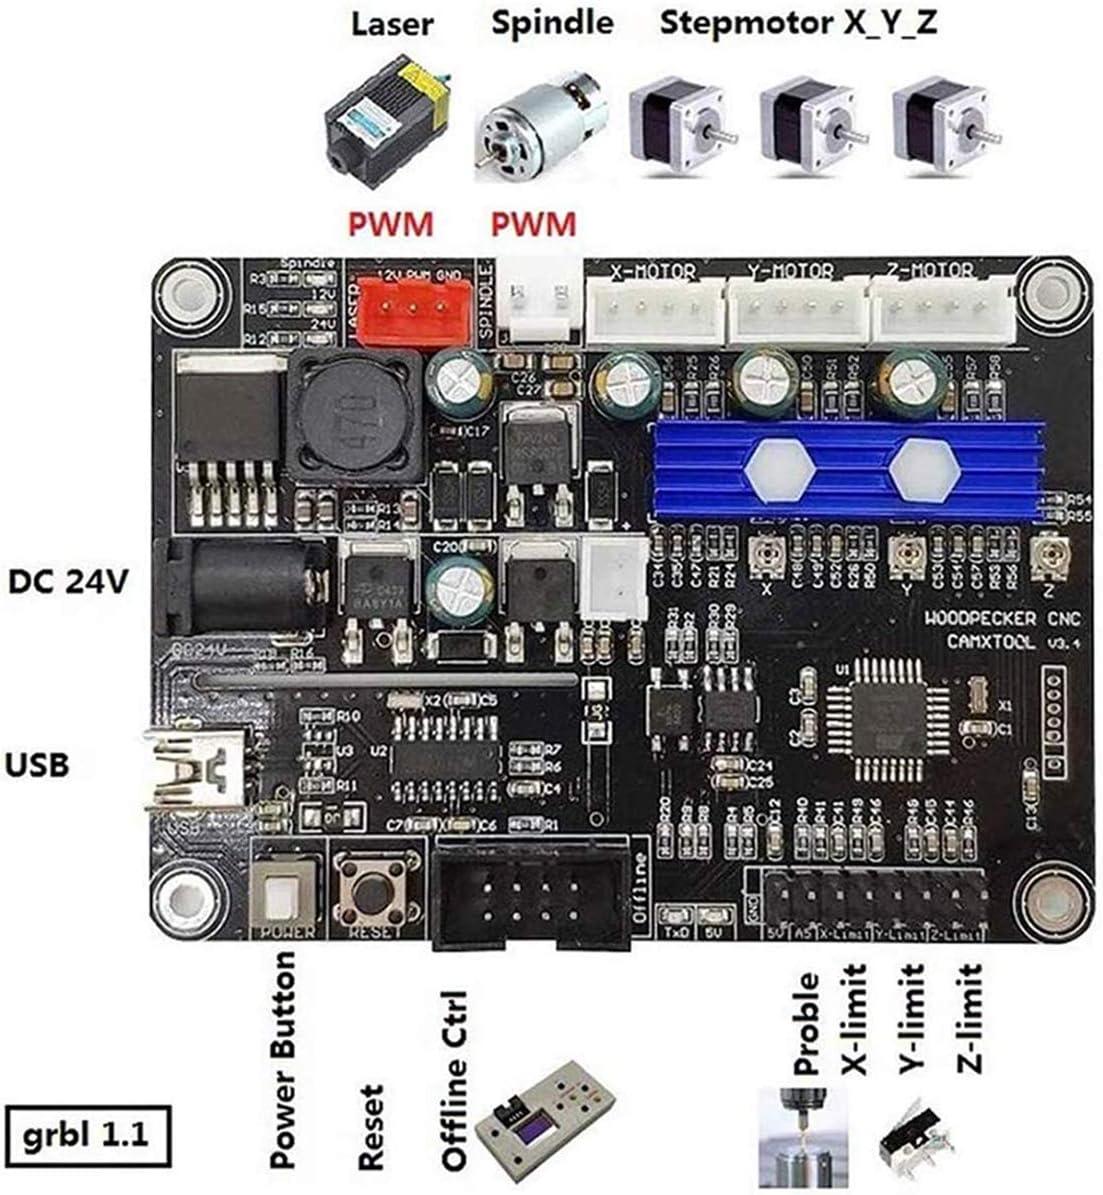 JADAZI GRBL 1.1 Puerto USB CNC Grabado Máquina Controlar Tablero 3 Ejes Controlar Panel: Amazon.es: Electrónica